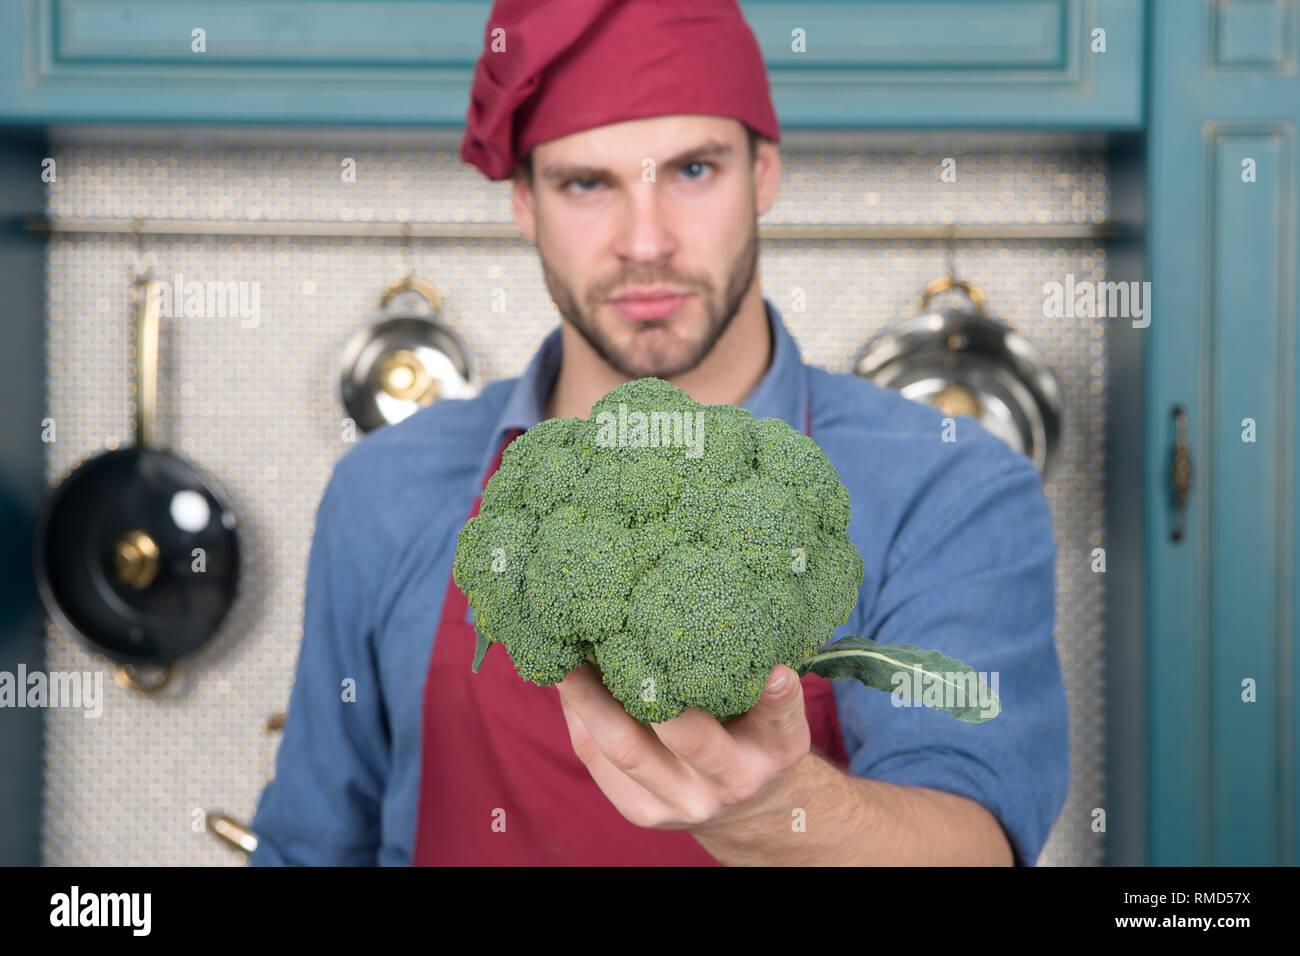 Hauptbestandteil. Denken Sie an Hauptbestandteil natürliches Aroma. Man-Chef hält Brokkoli nachdenkliche Gesicht Defokussierten. Empfehlen die Auswahl der Zutaten ergänzt. Bestandteil in Raw einfach in Erwägung zu ziehen. Stockbild